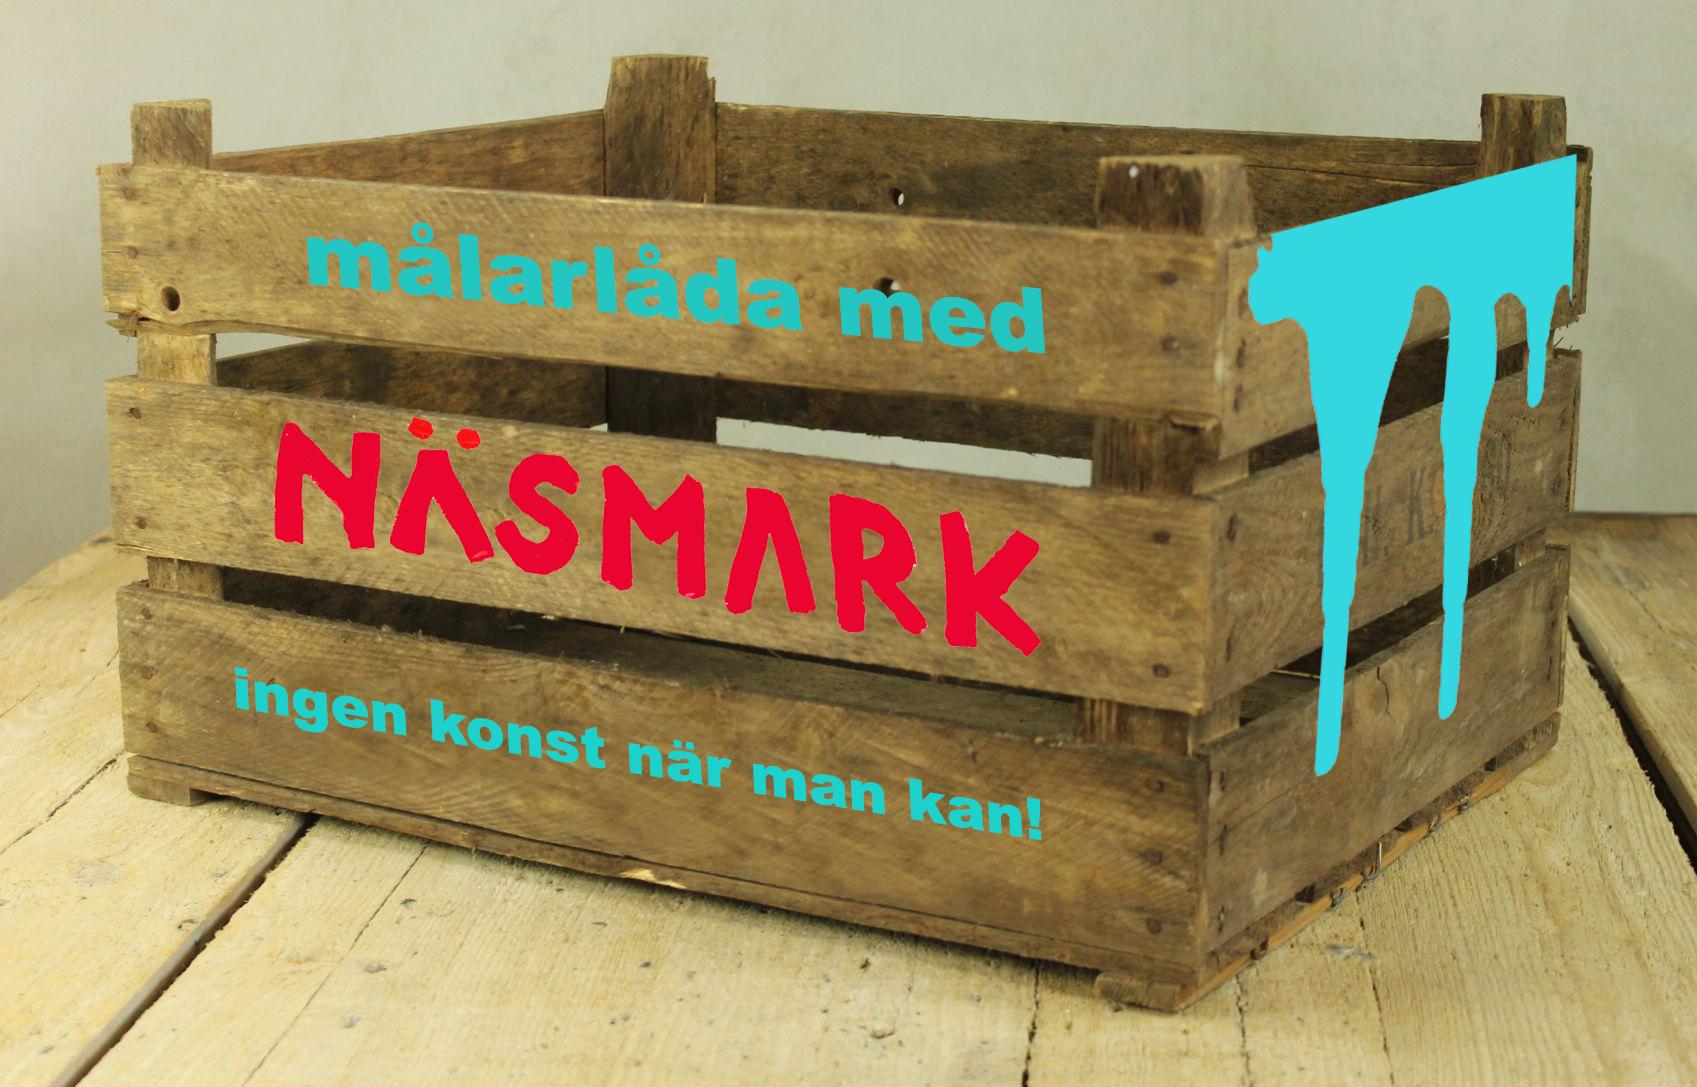 Målarlåda med Näsmark  - kursen för dej som har lust att måla!